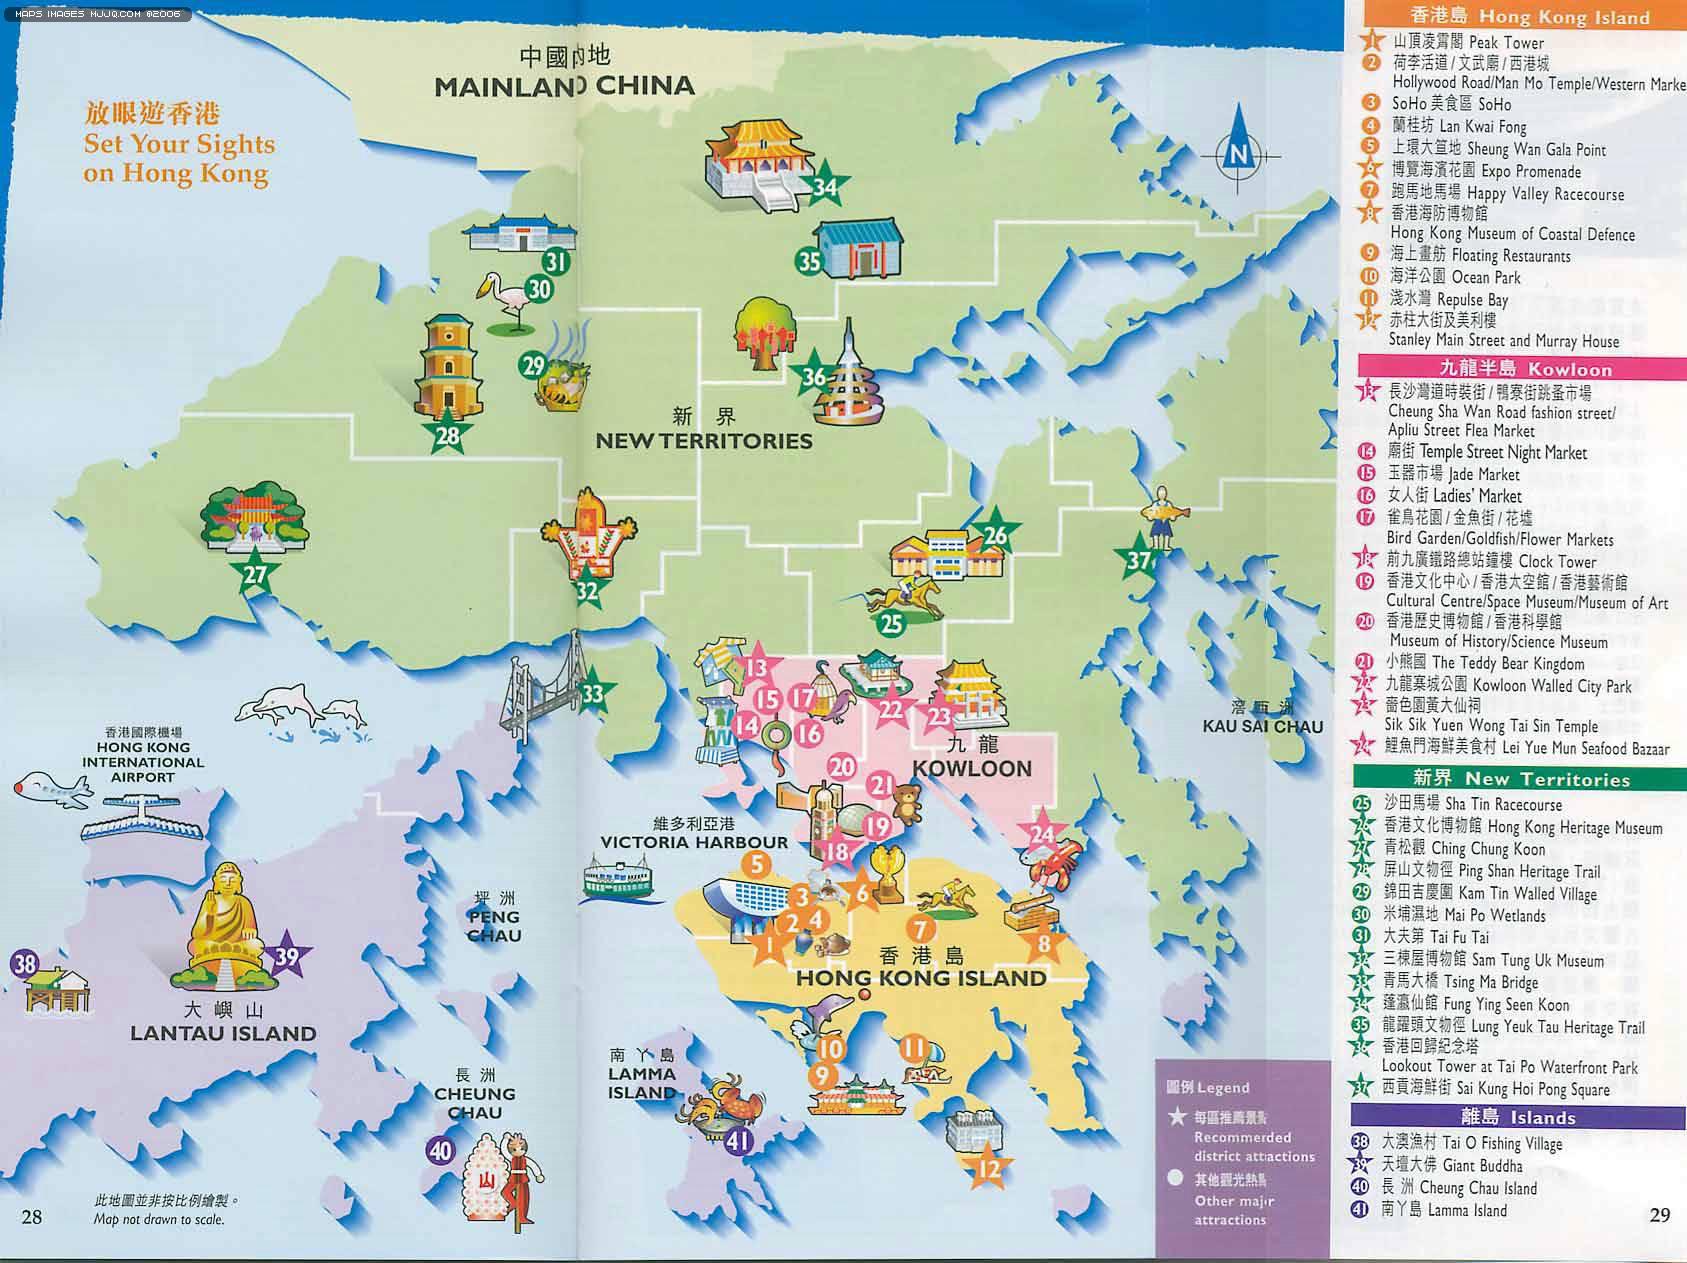 香港旅遊景點分佈地圖 - 香港 ...